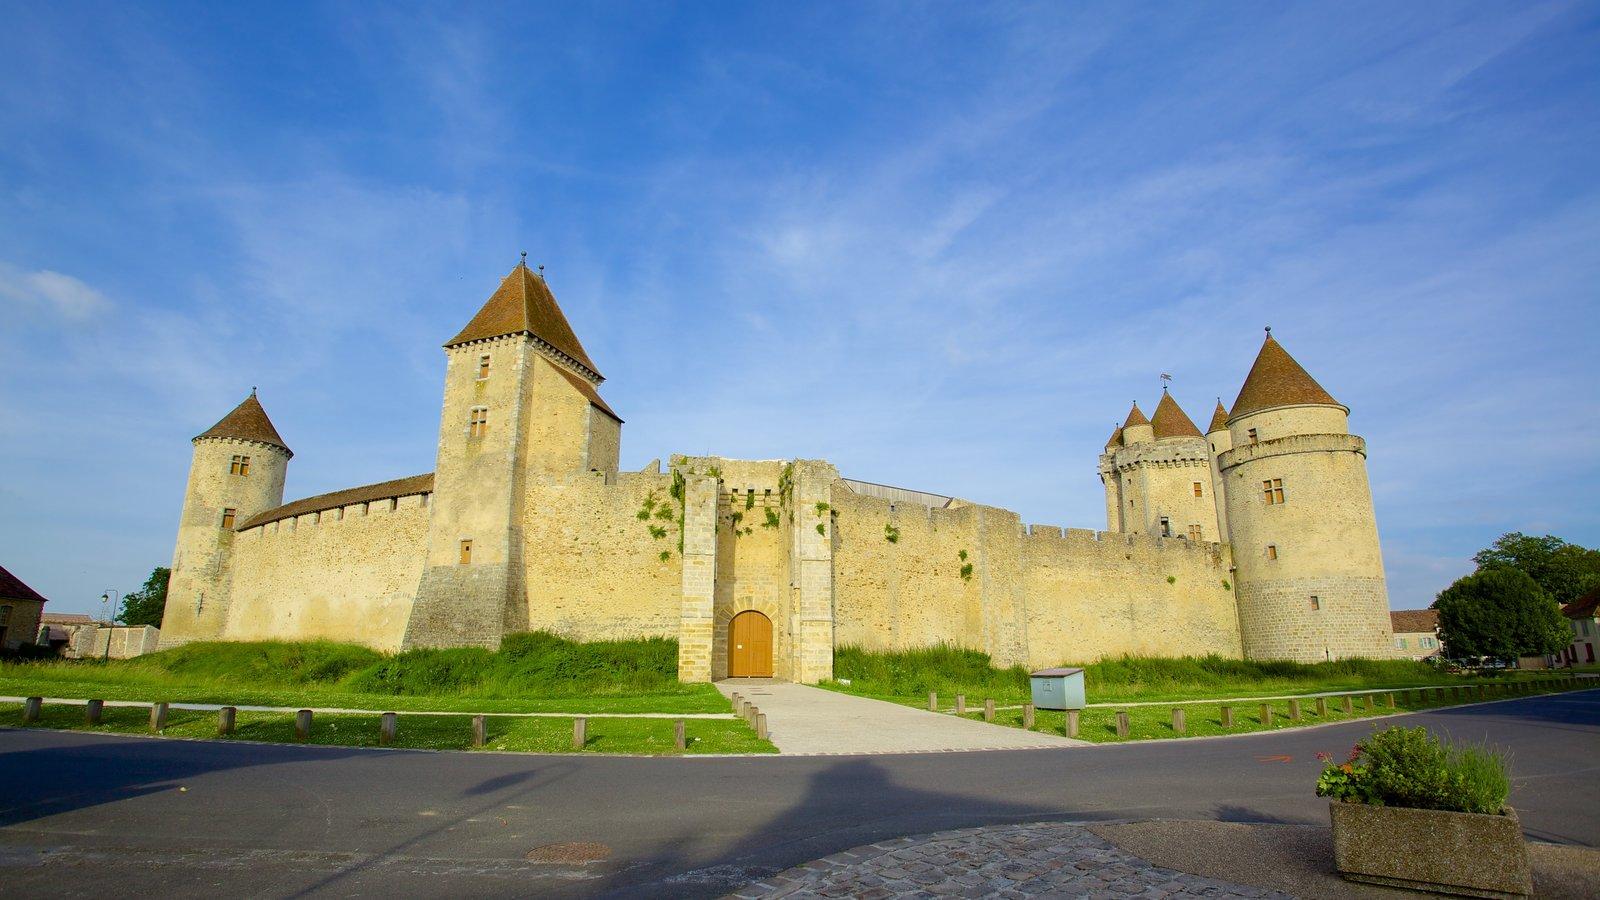 Melun que inclui elementos de patrimônio e um pequeno castelo ou palácio